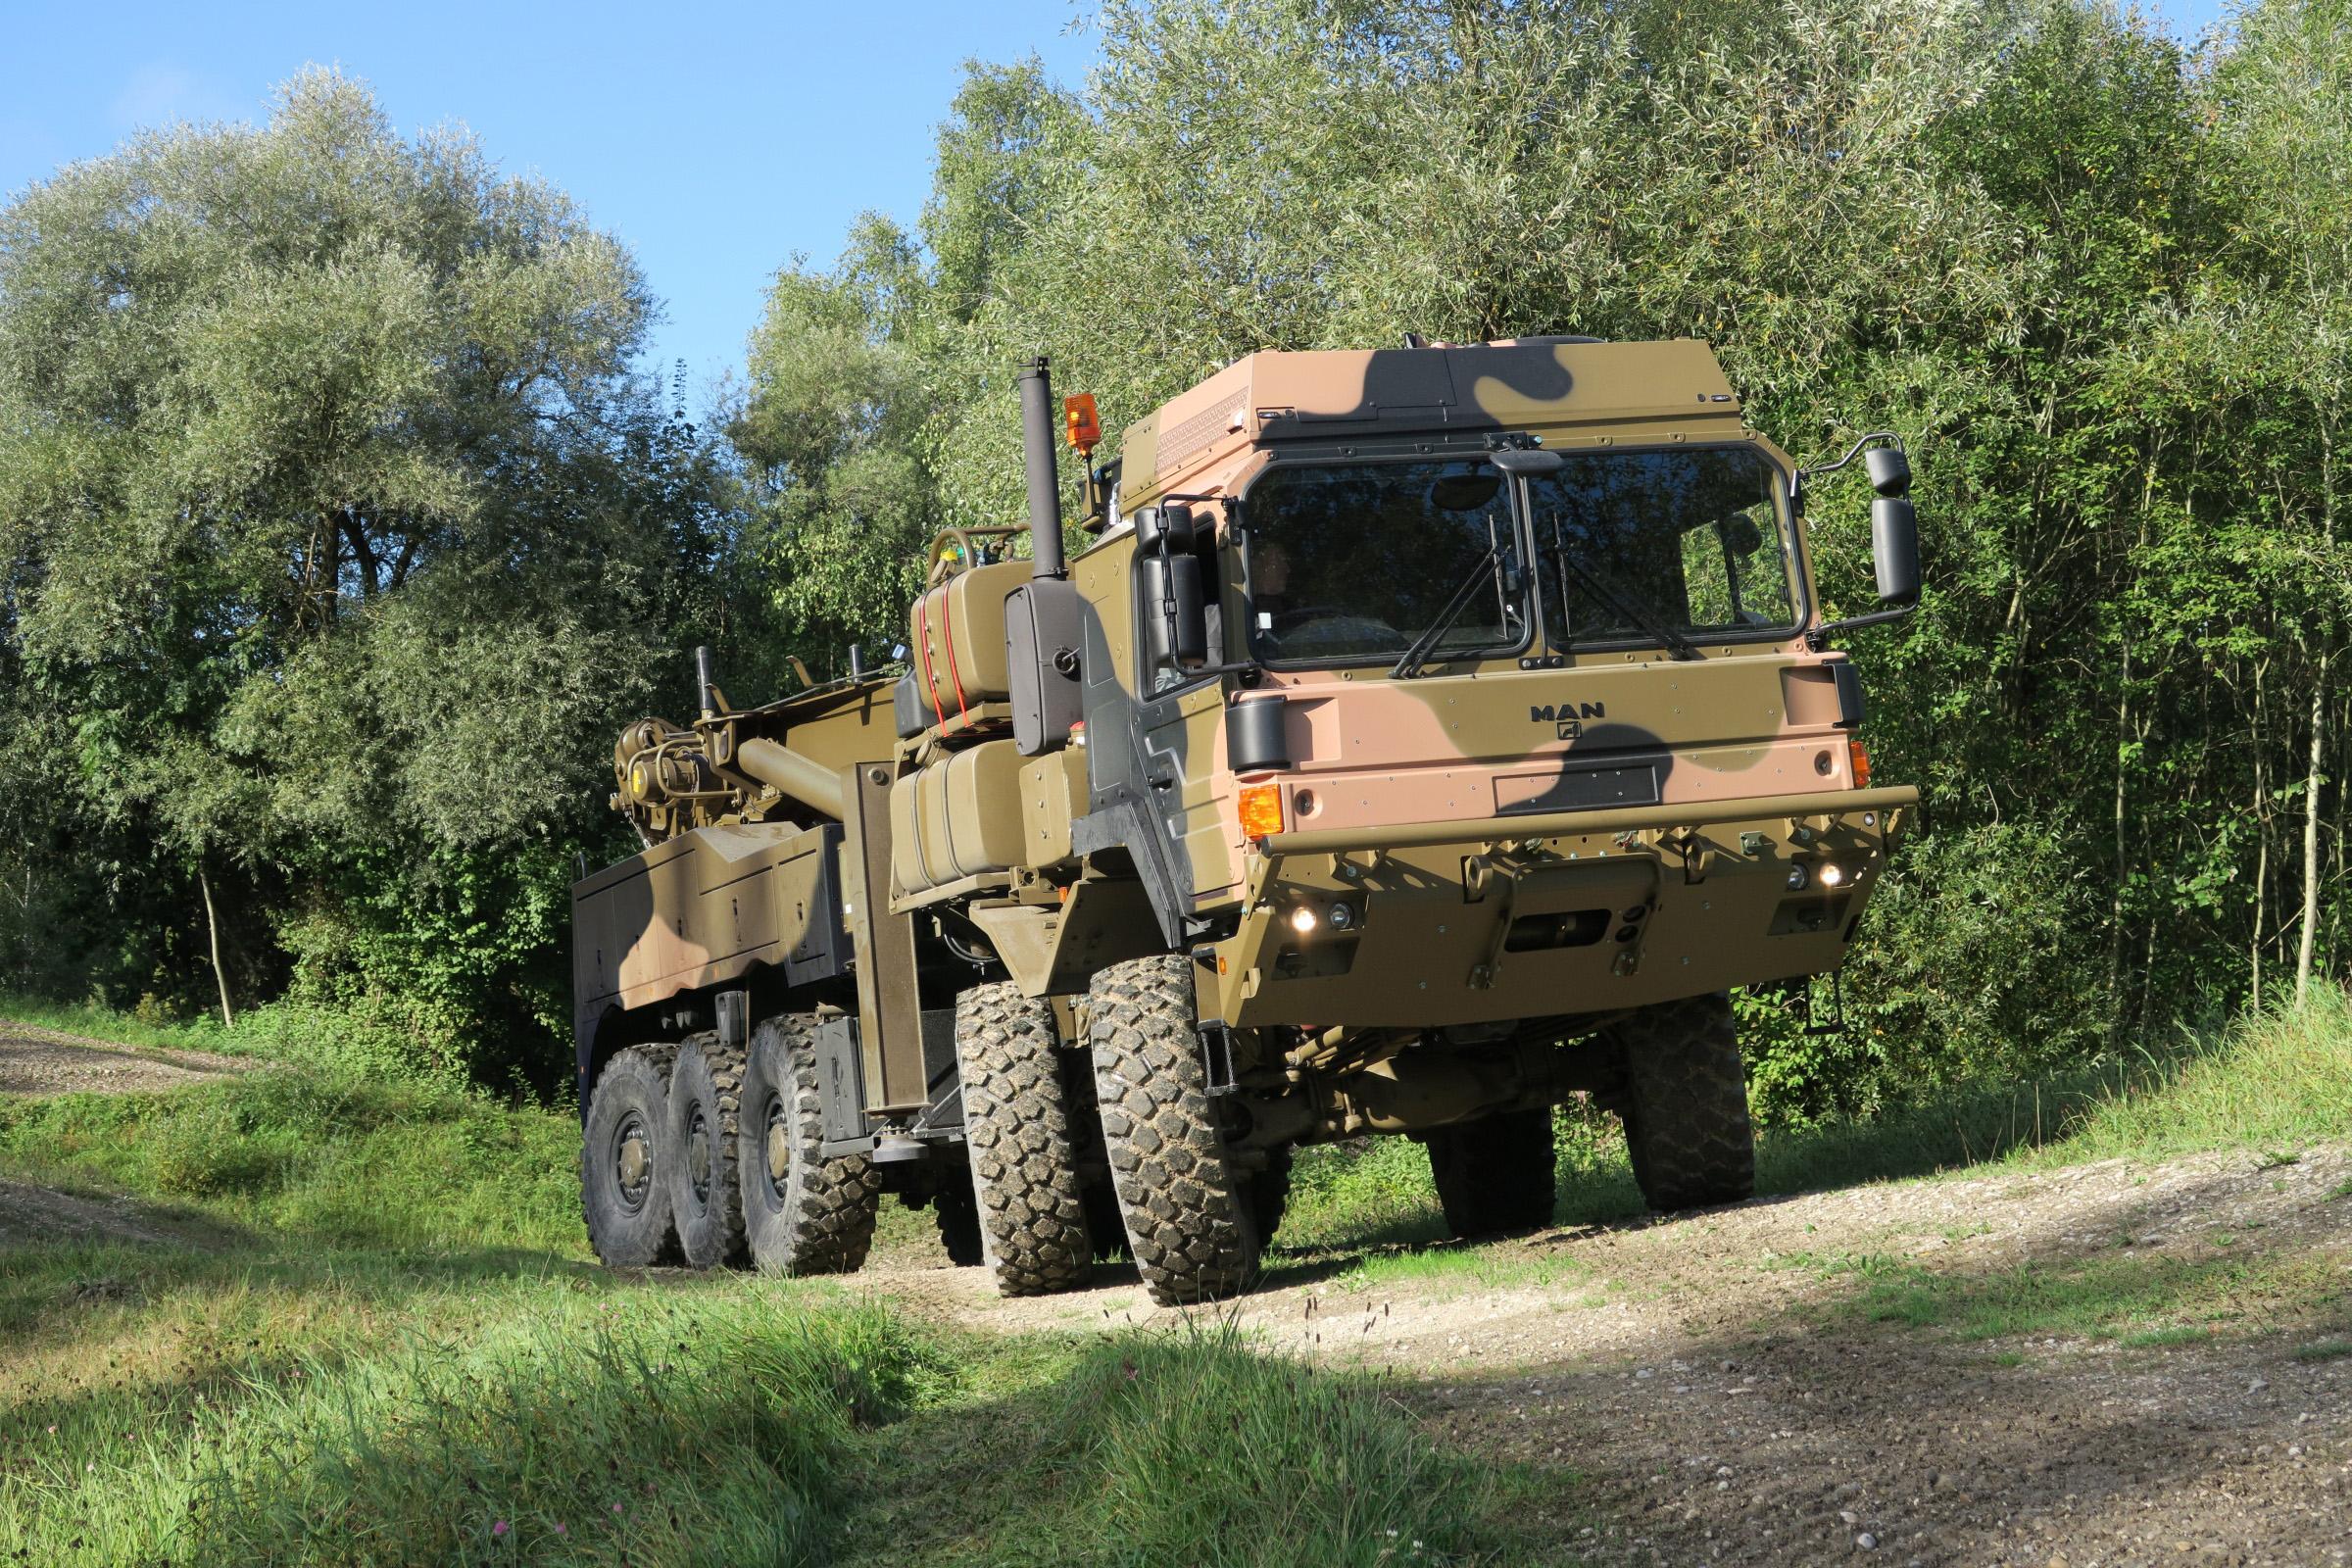 Rheinmetall MAN  escolhida  para fornecer mais de 1000 caminhões militares para a Austrália